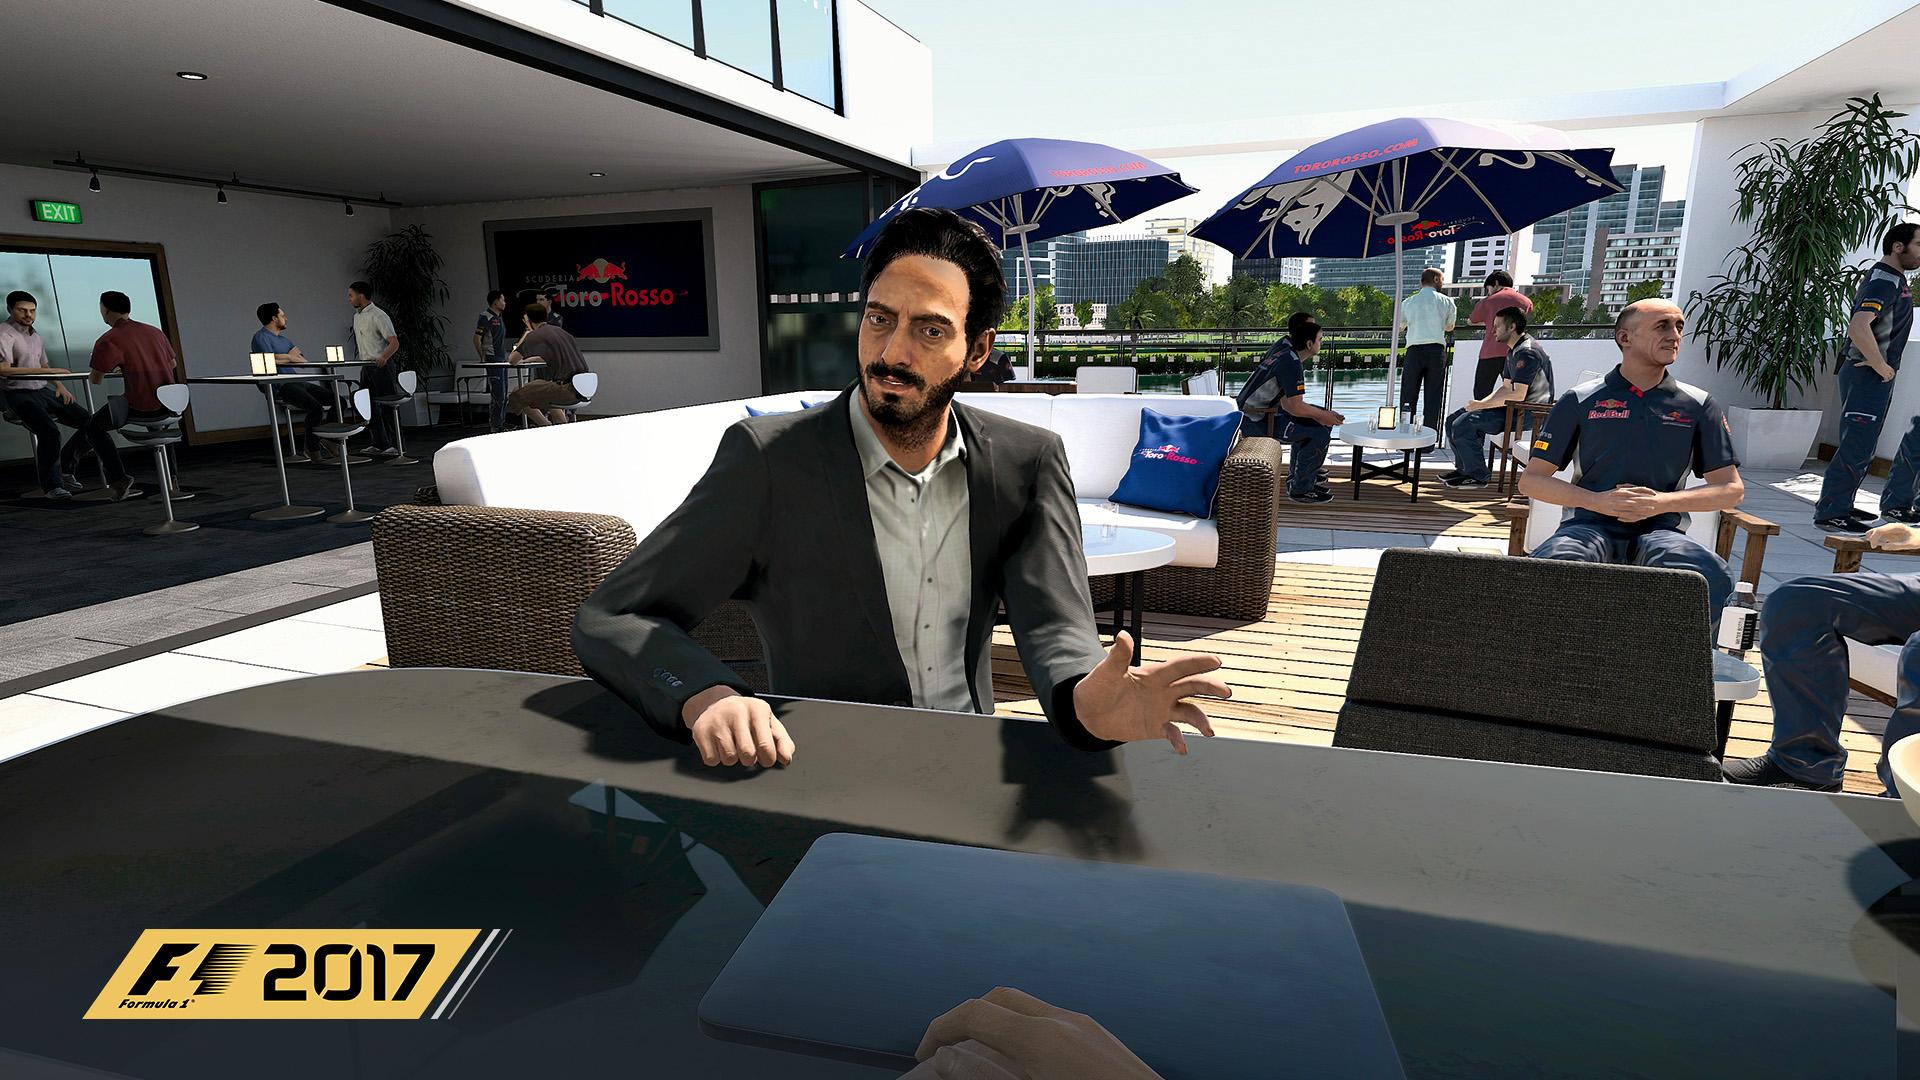 تصاویری جدید از بازی F1 2017 منتشر شد